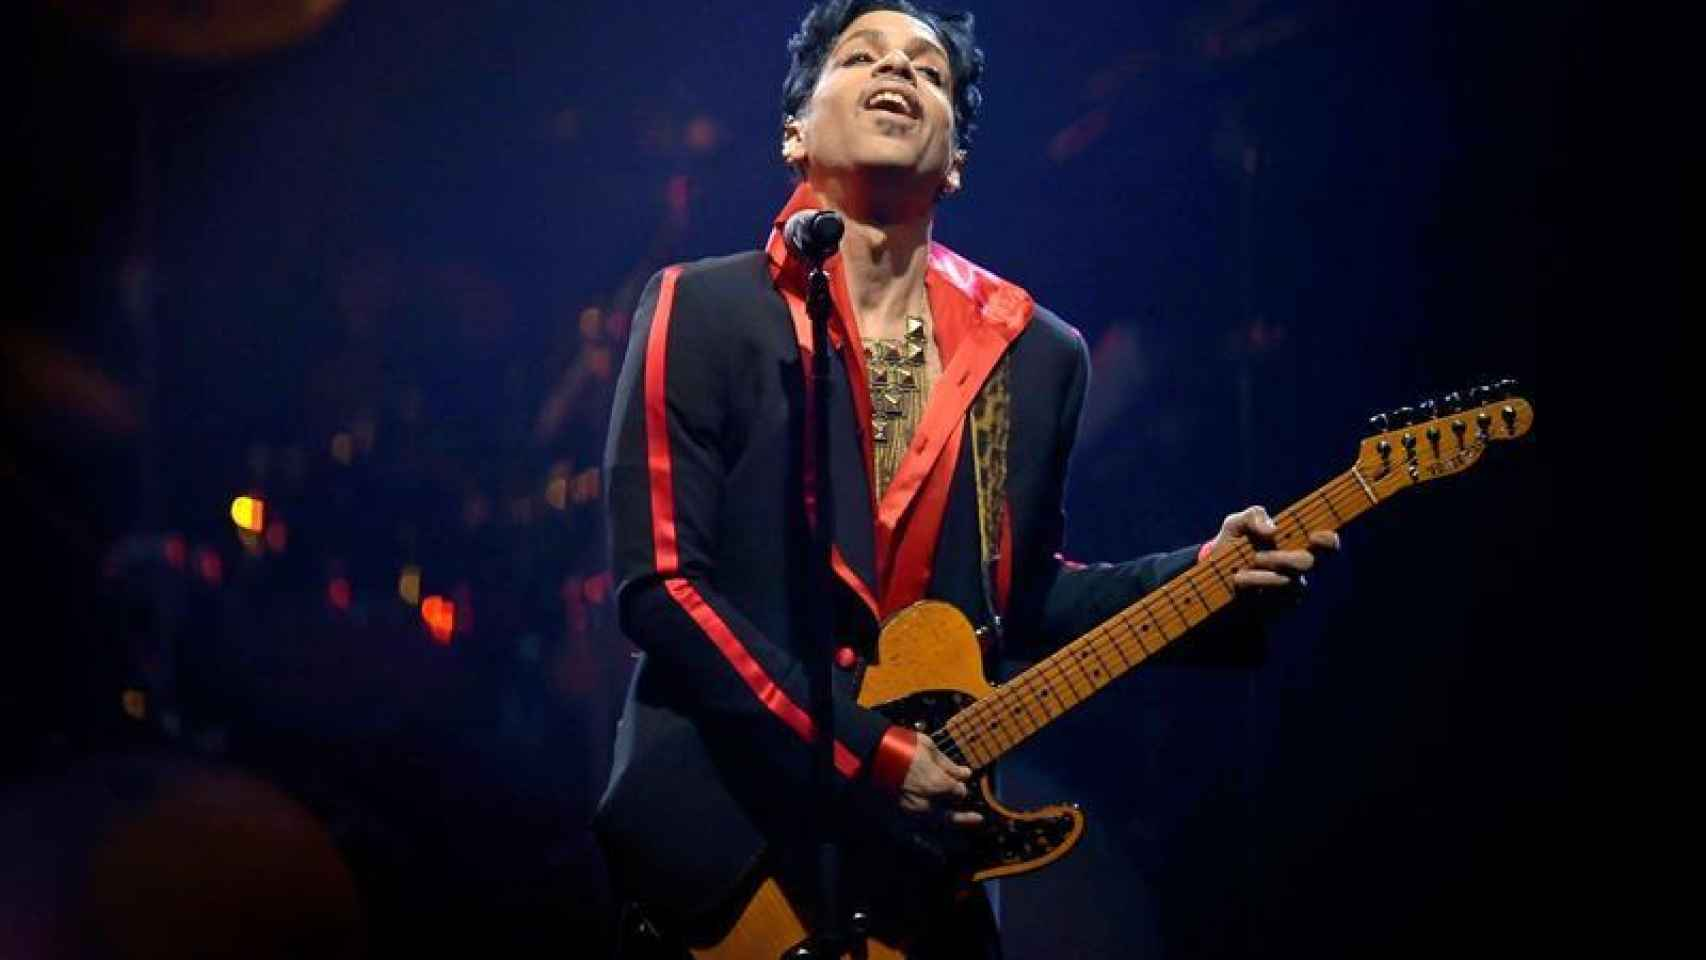 Prince en plena actuación.